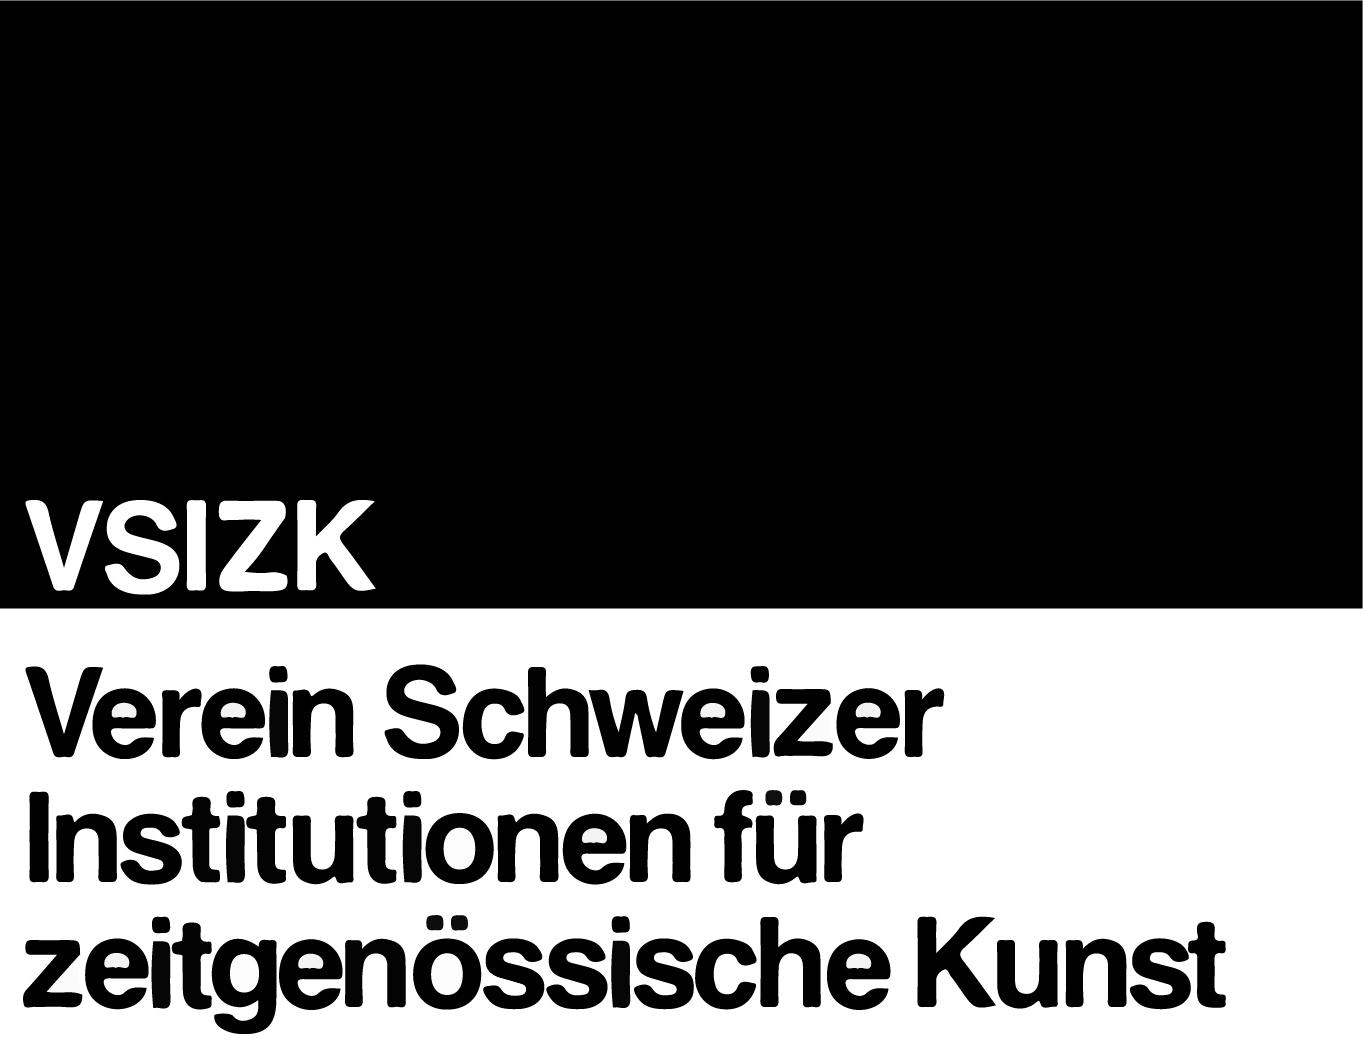 Verein Schweizer Institutionen für zeitgenössische Kunst